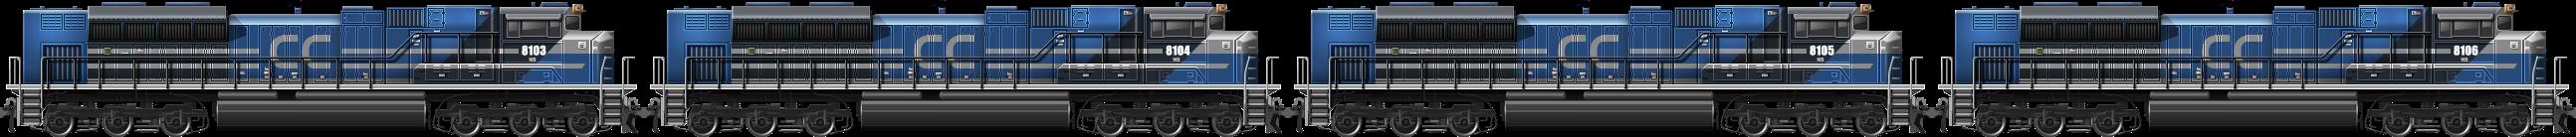 Bullet Cargo I